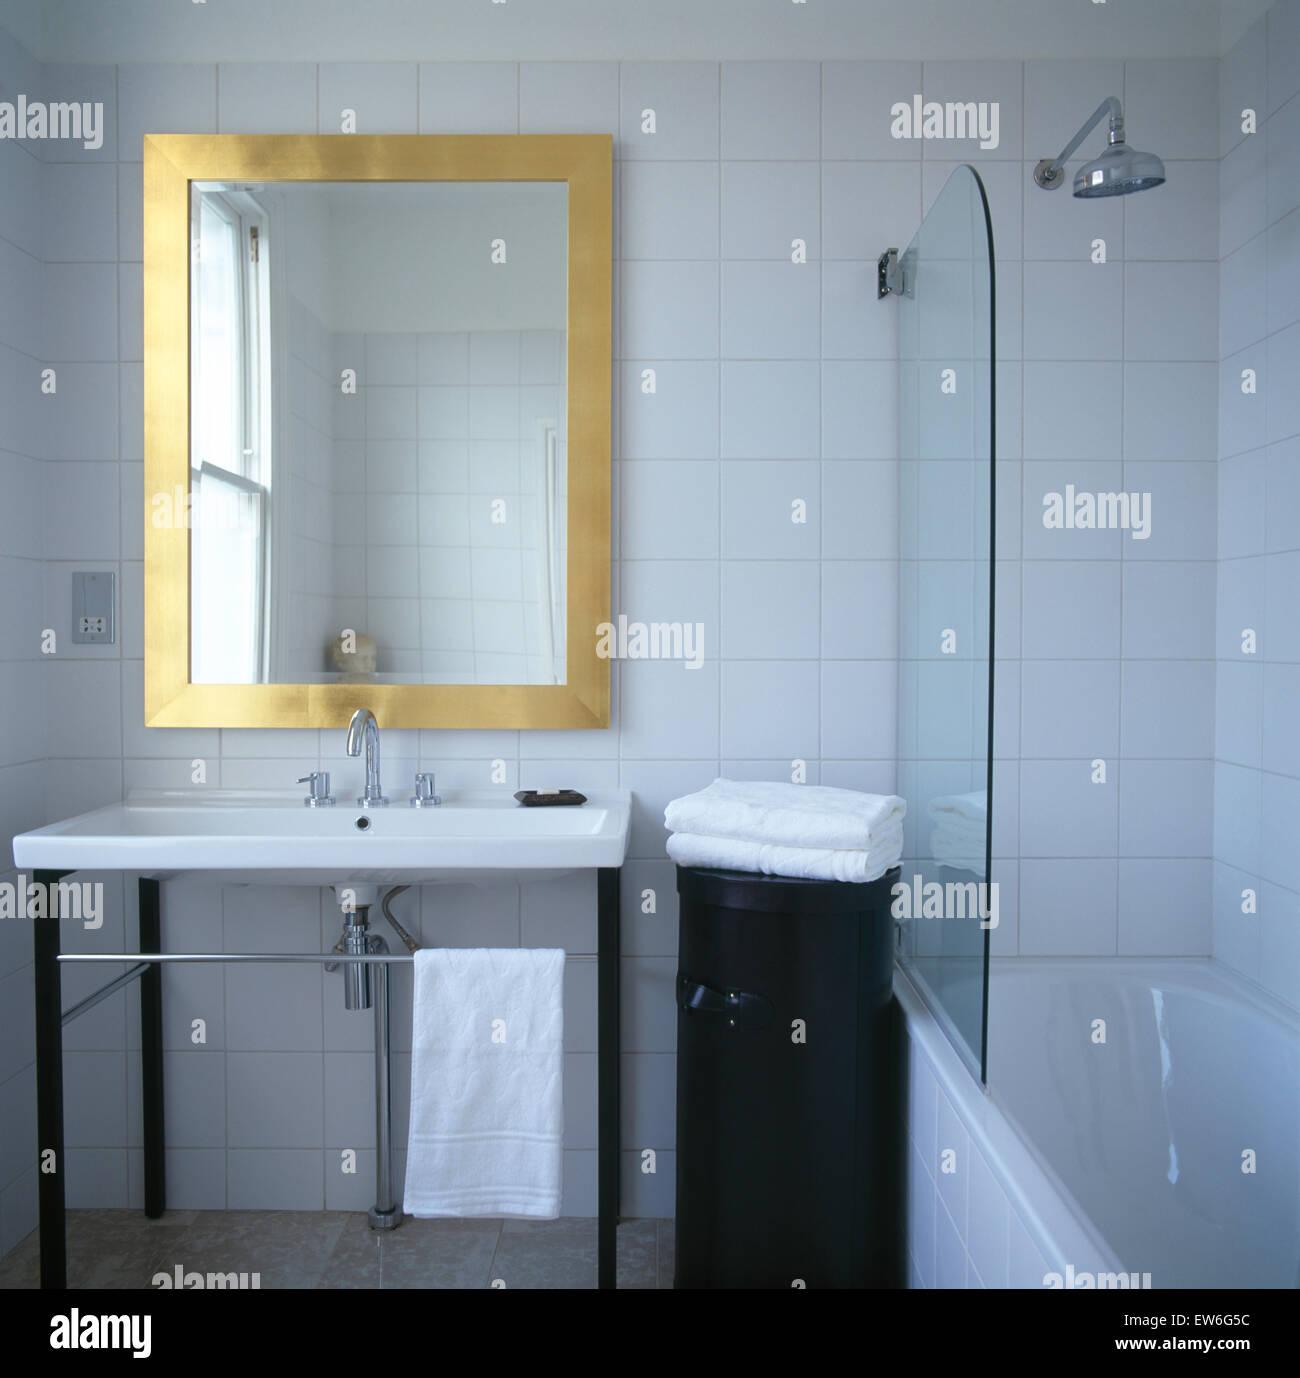 Messing Gerahmten Spiegel über Dem Waschbecken Im Modernen Badezimmer Mit  Chrom Dusche über Badewanne